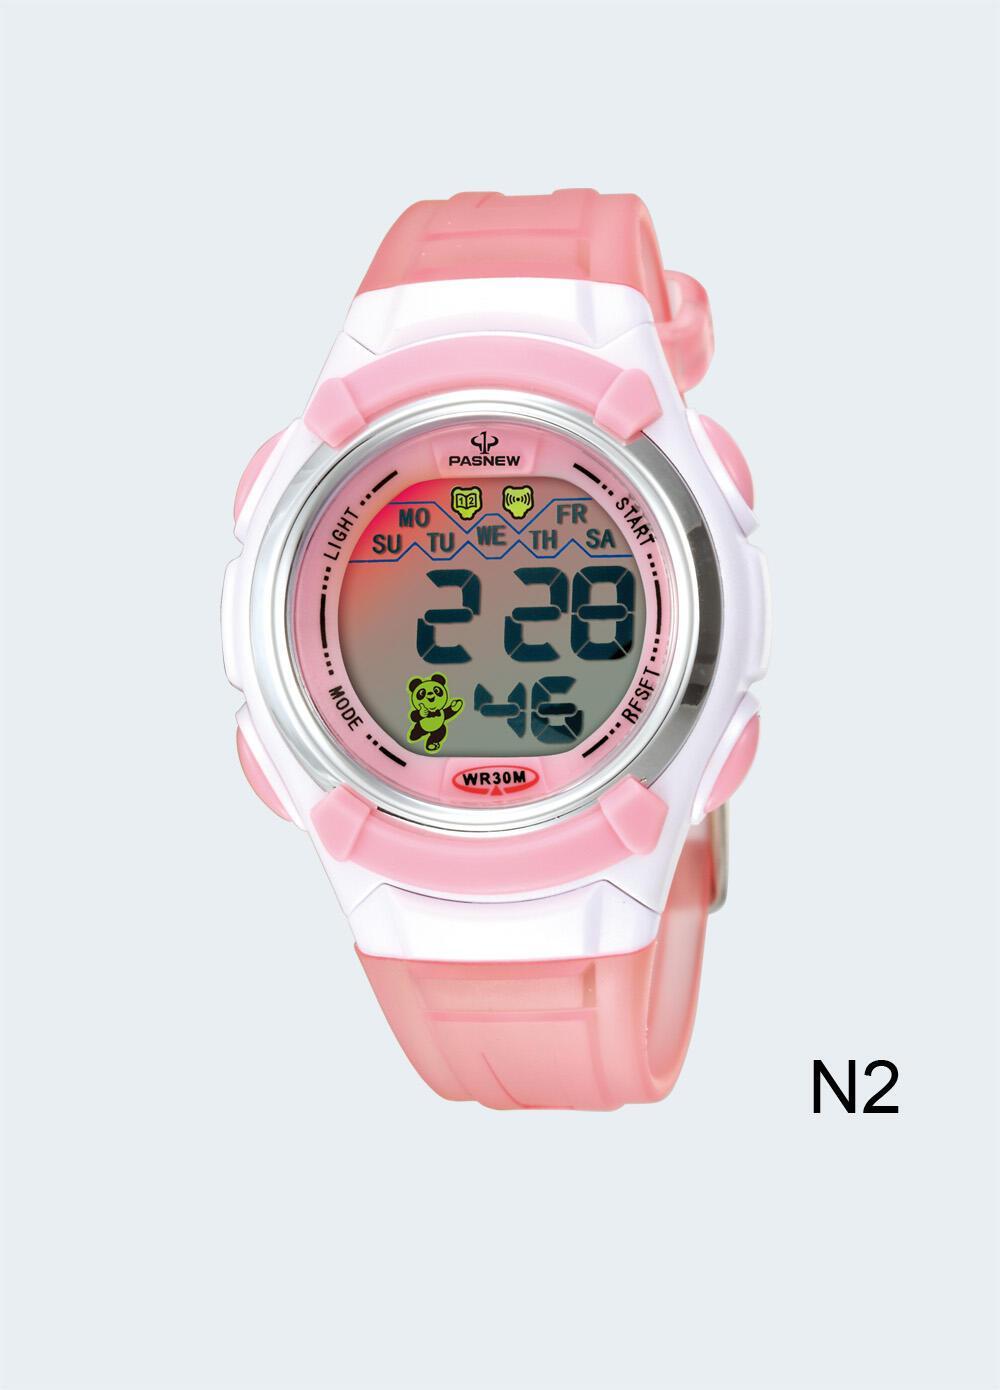 Đồng hồ thể thao điện tử PASNEW PSE-327